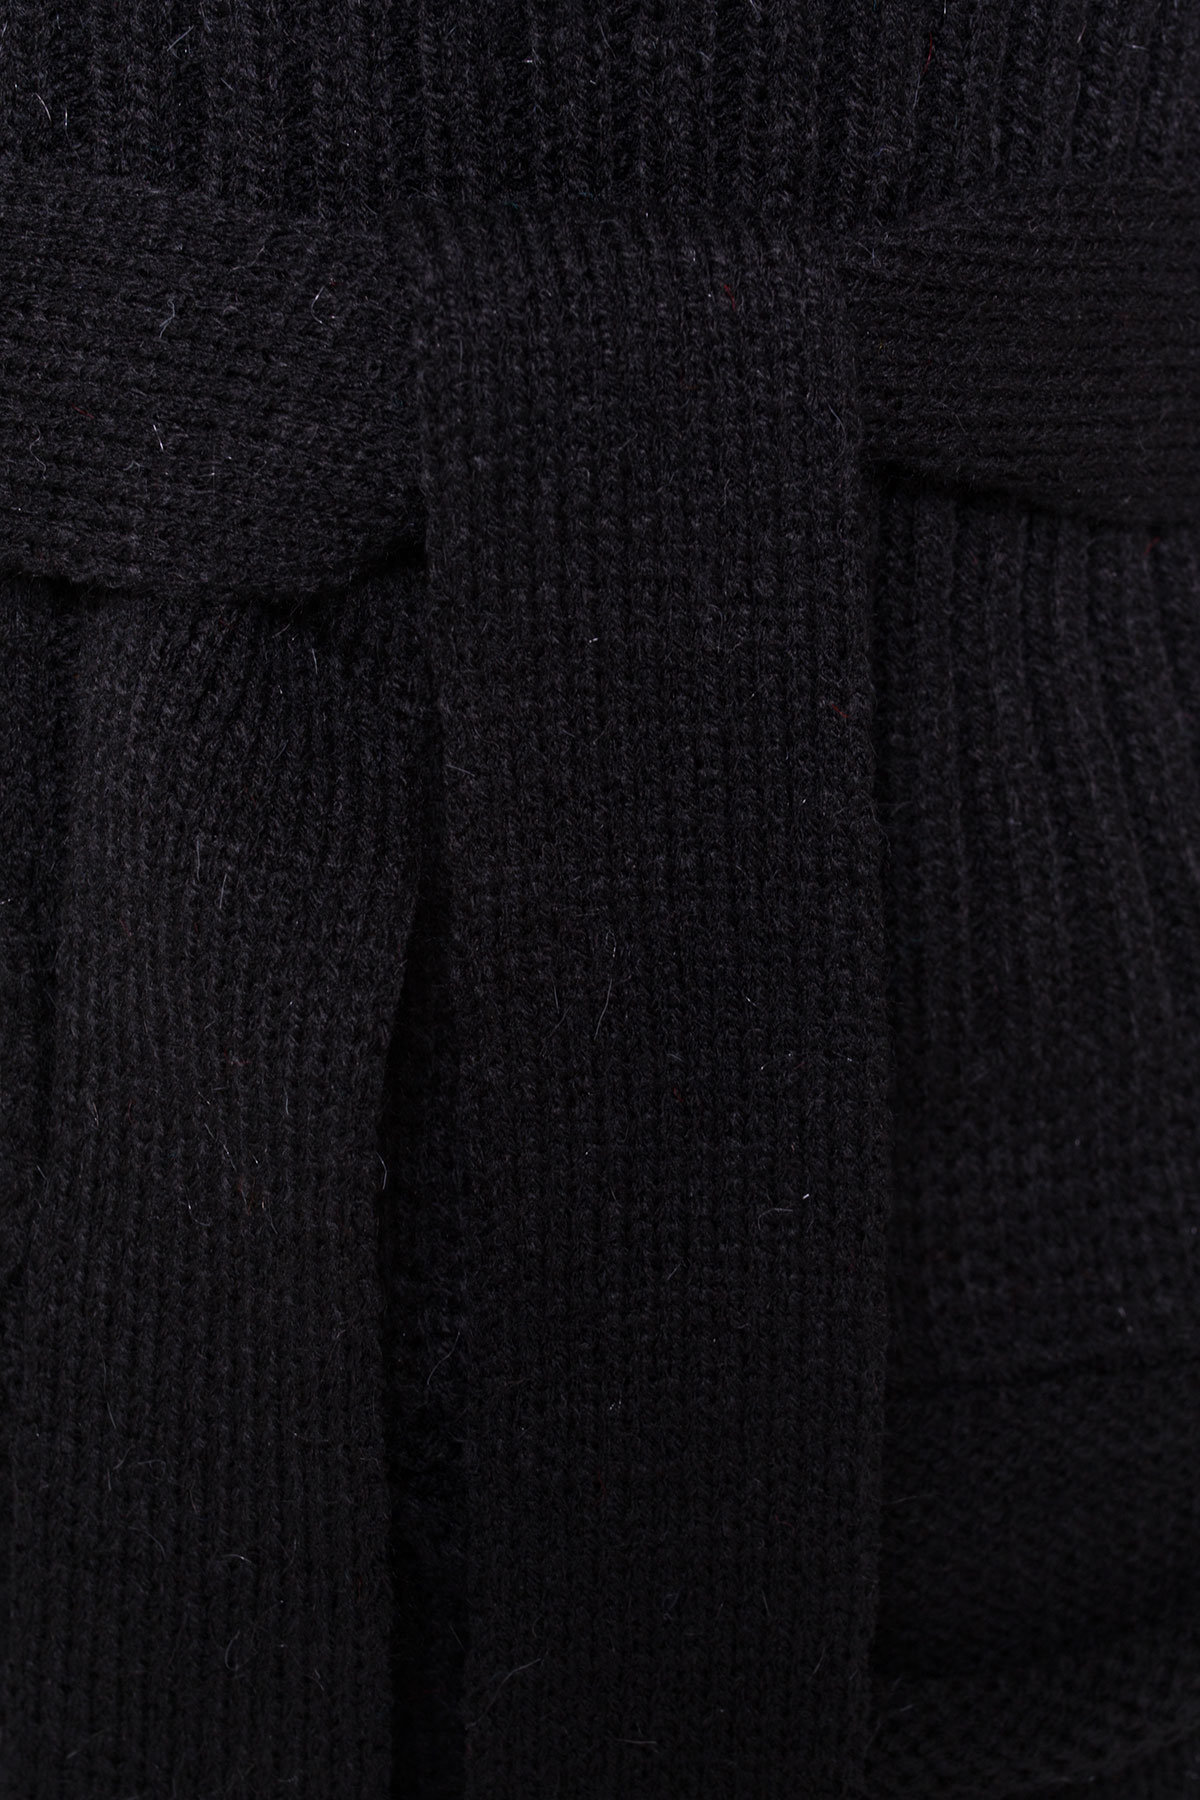 Куртка Малышка 3496 АРТ. 17772 Цвет: Паутинка - фото 4, интернет магазин tm-modus.ru